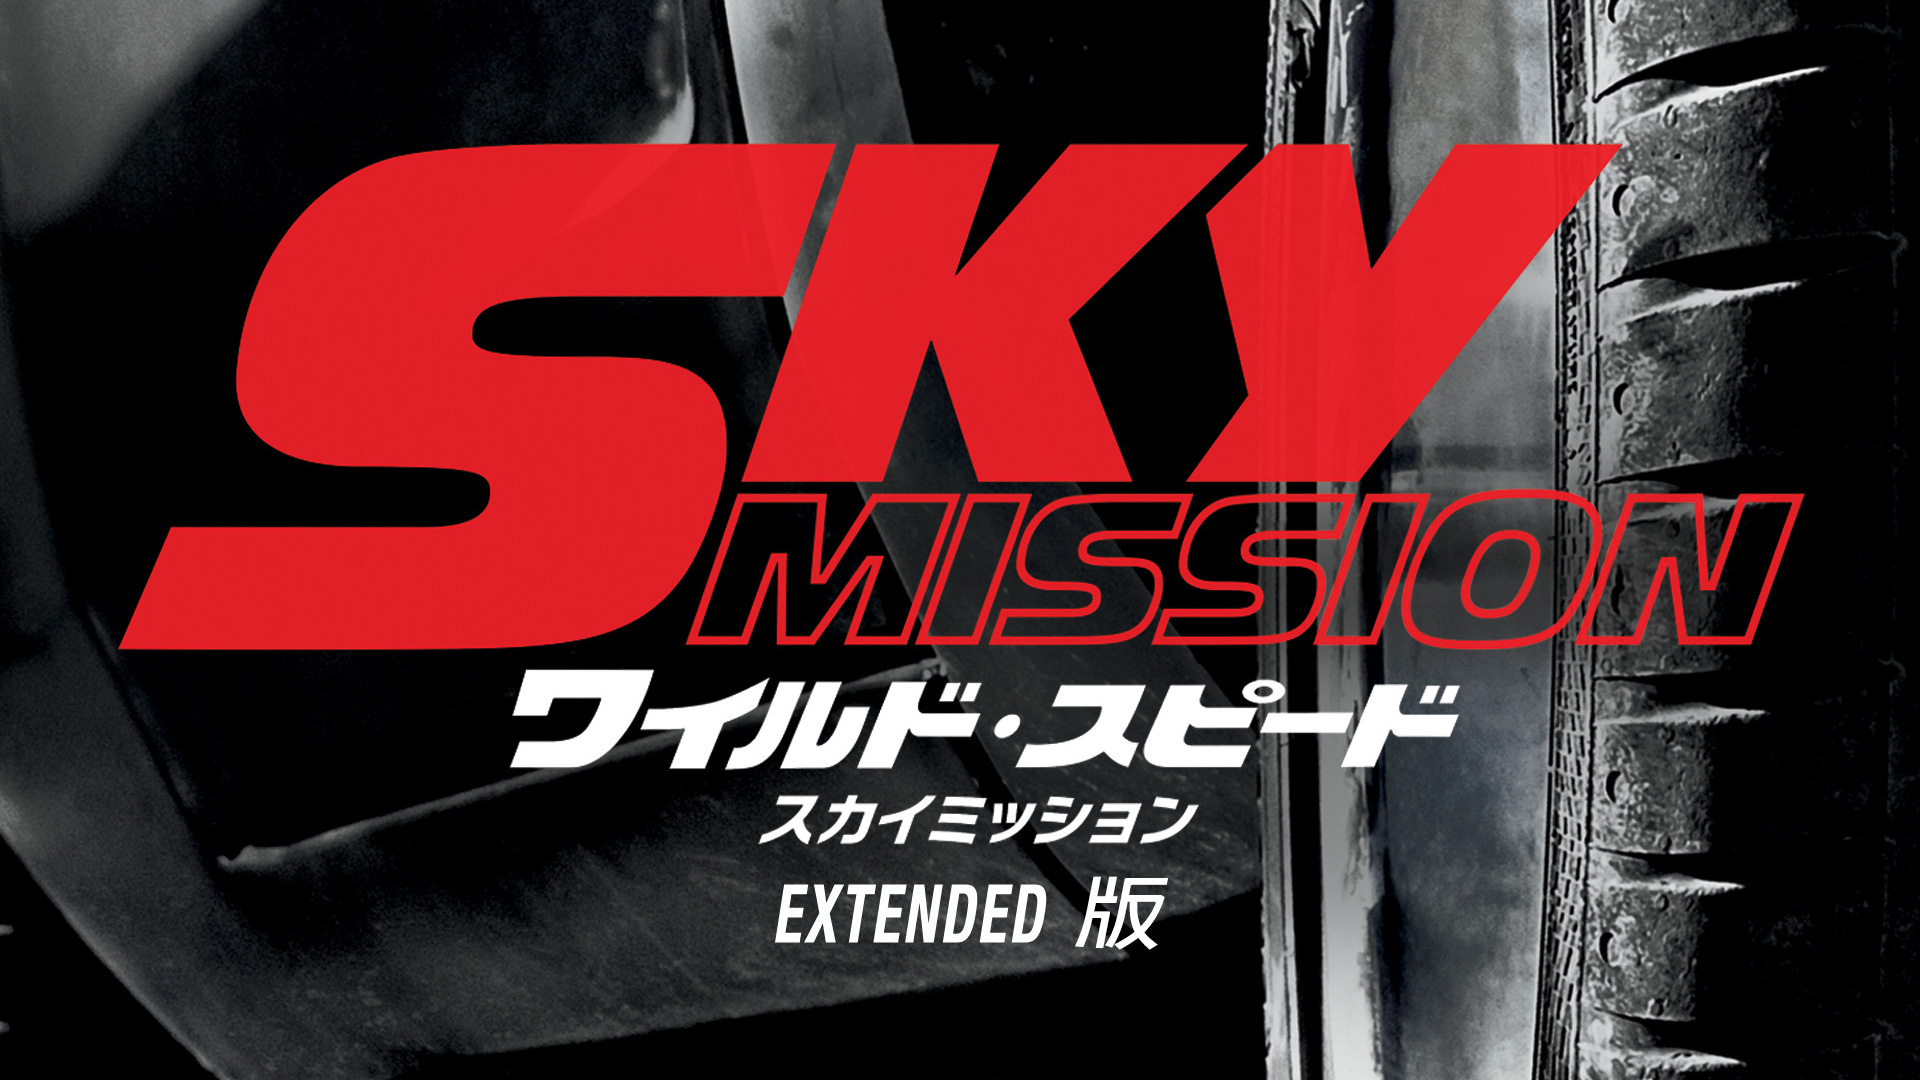 ワイルド・スピード - スカイミッション EXTENDED 版 (吹替版)